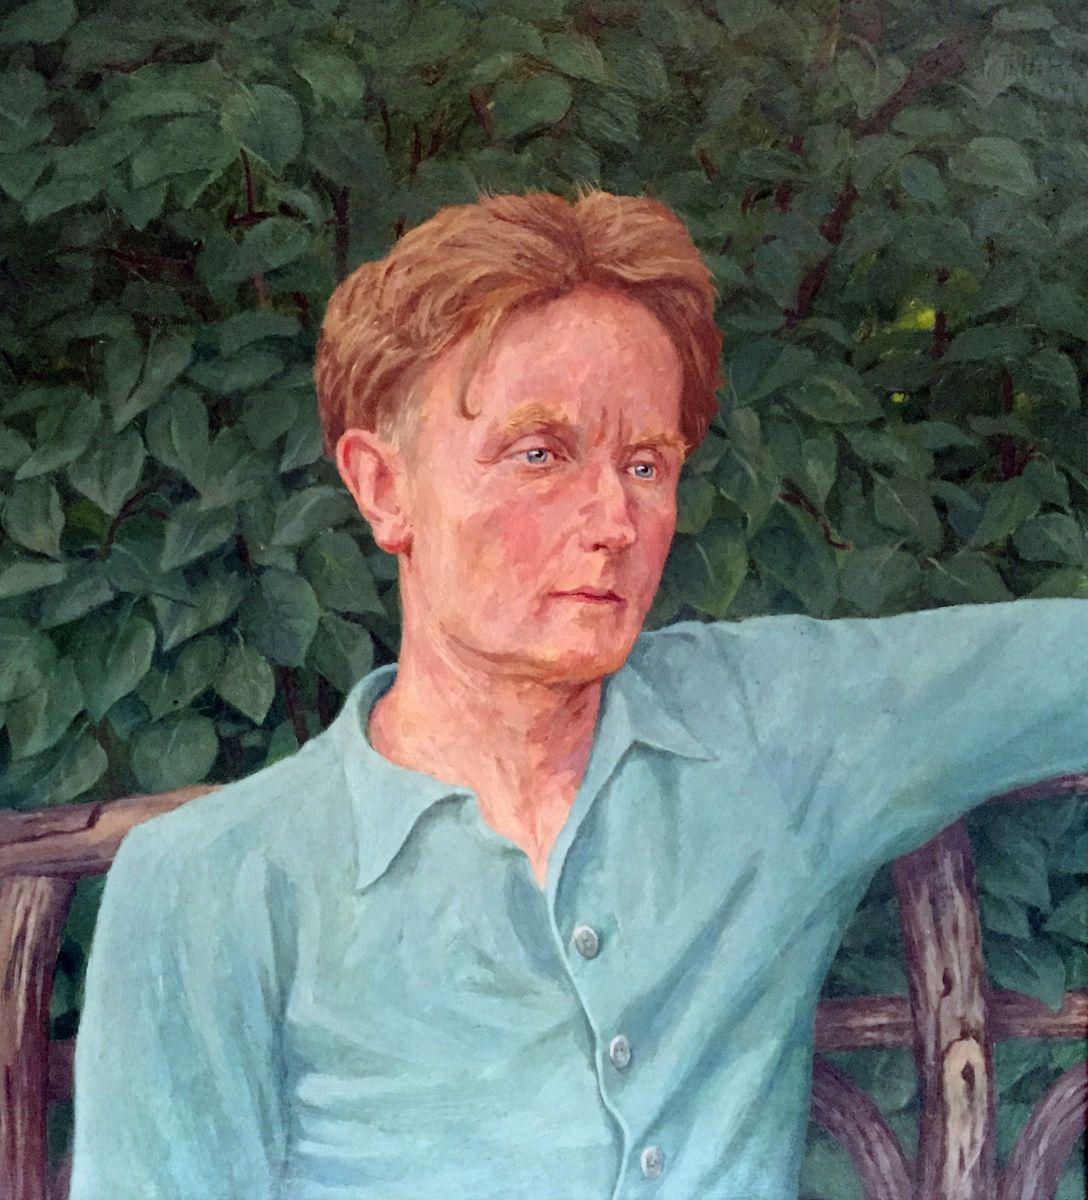 GULL a Olav G.-Heine.org